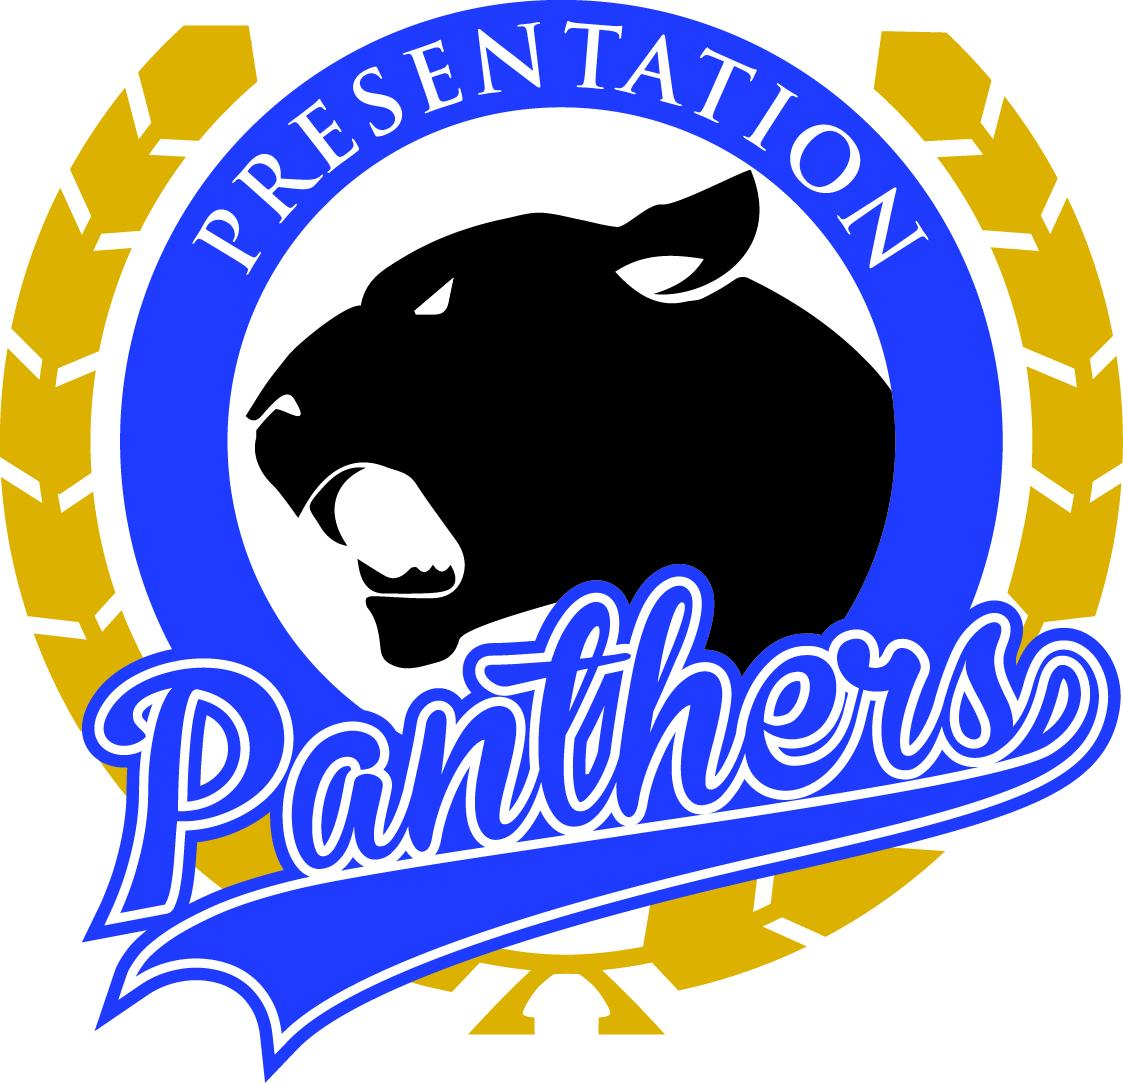 Athletics - Presentation High School